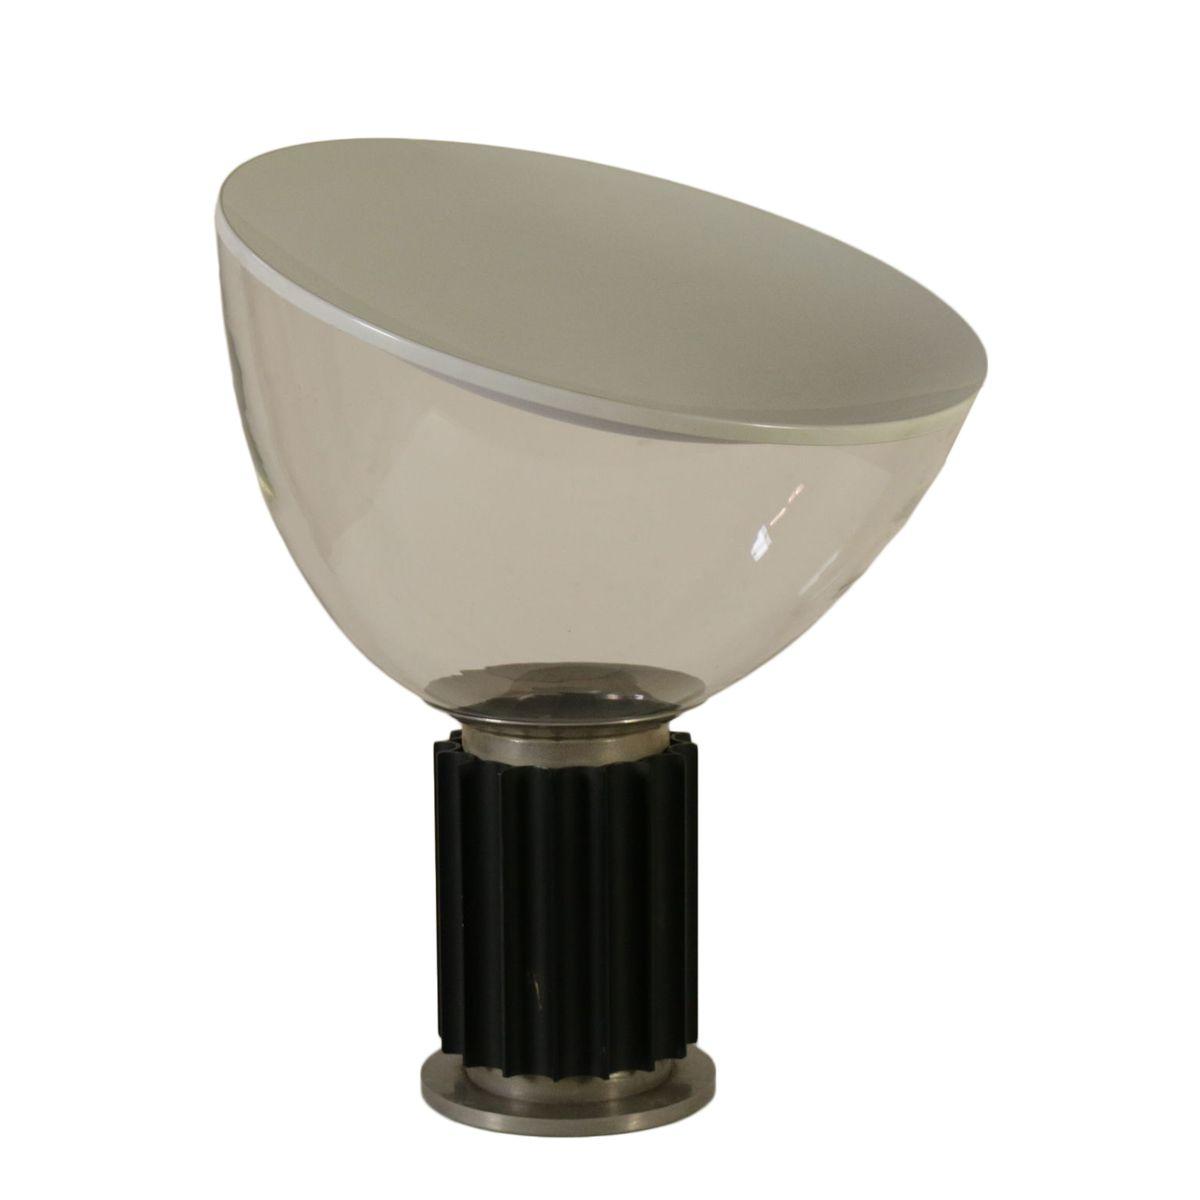 Vintage taccia table lamp by achille pier giacomo castiglioni for vintage taccia table lamp by achille pier giacomo castiglioni for flos aloadofball Images